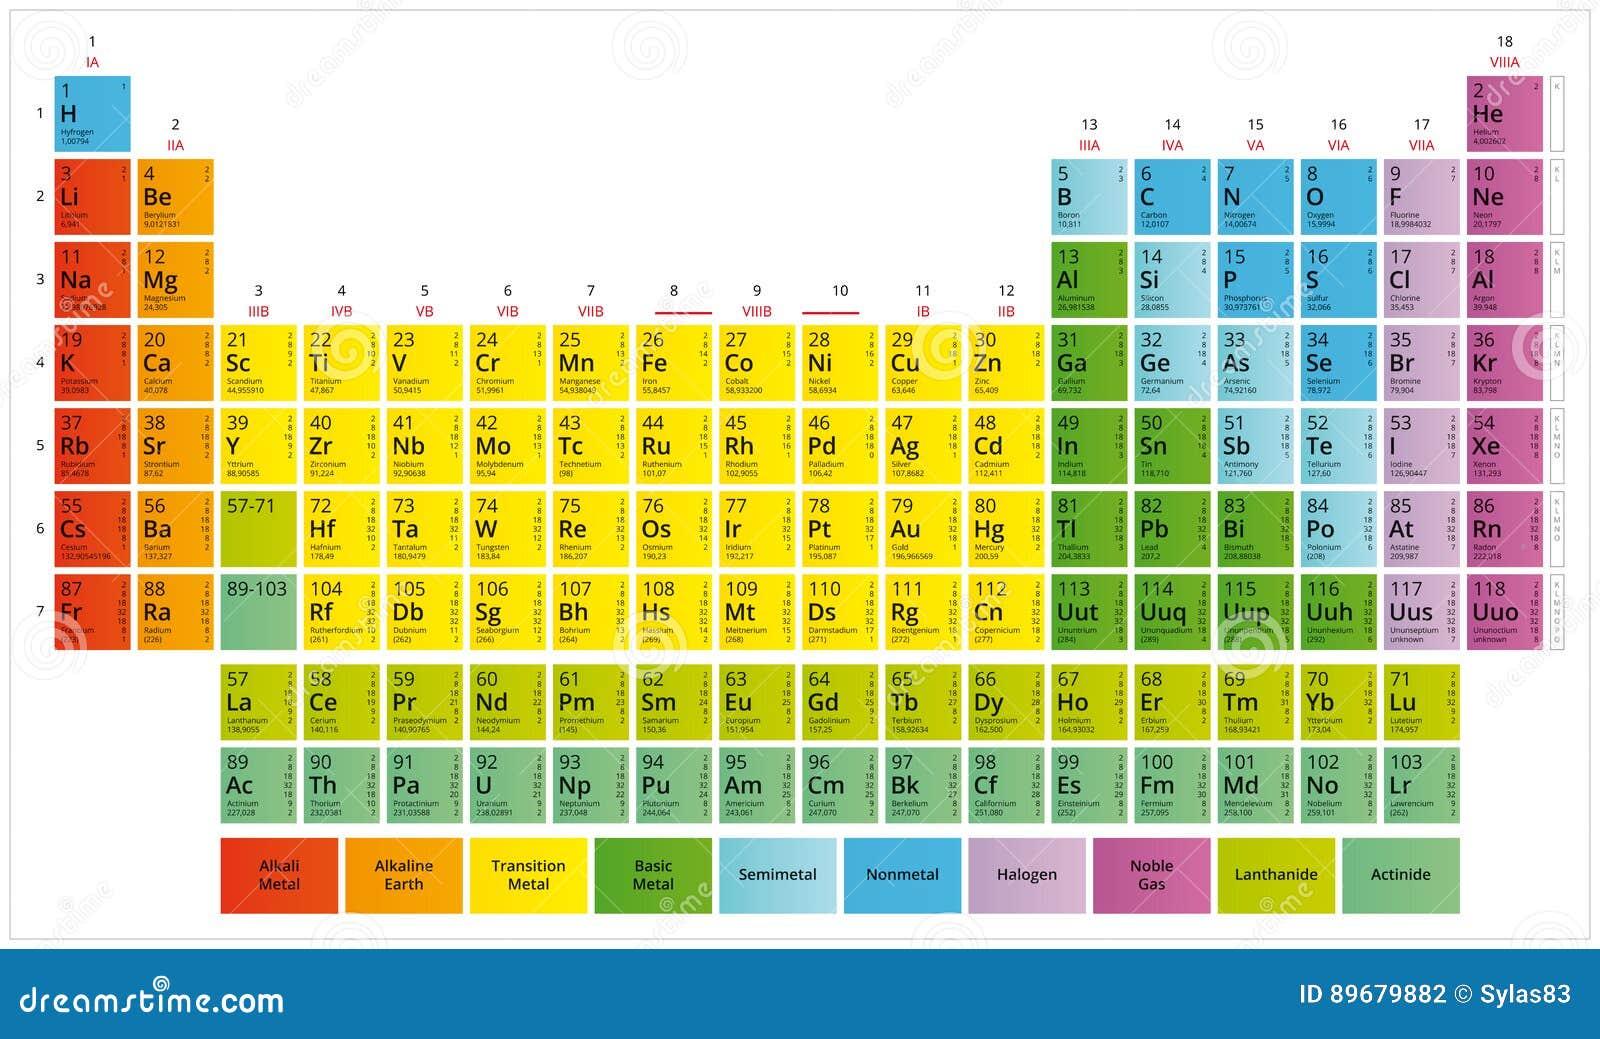 Tabella periodica della tavola del s di mendeleev degli elementi chimici illustrazione - Tavola periodica di mendeleev ...